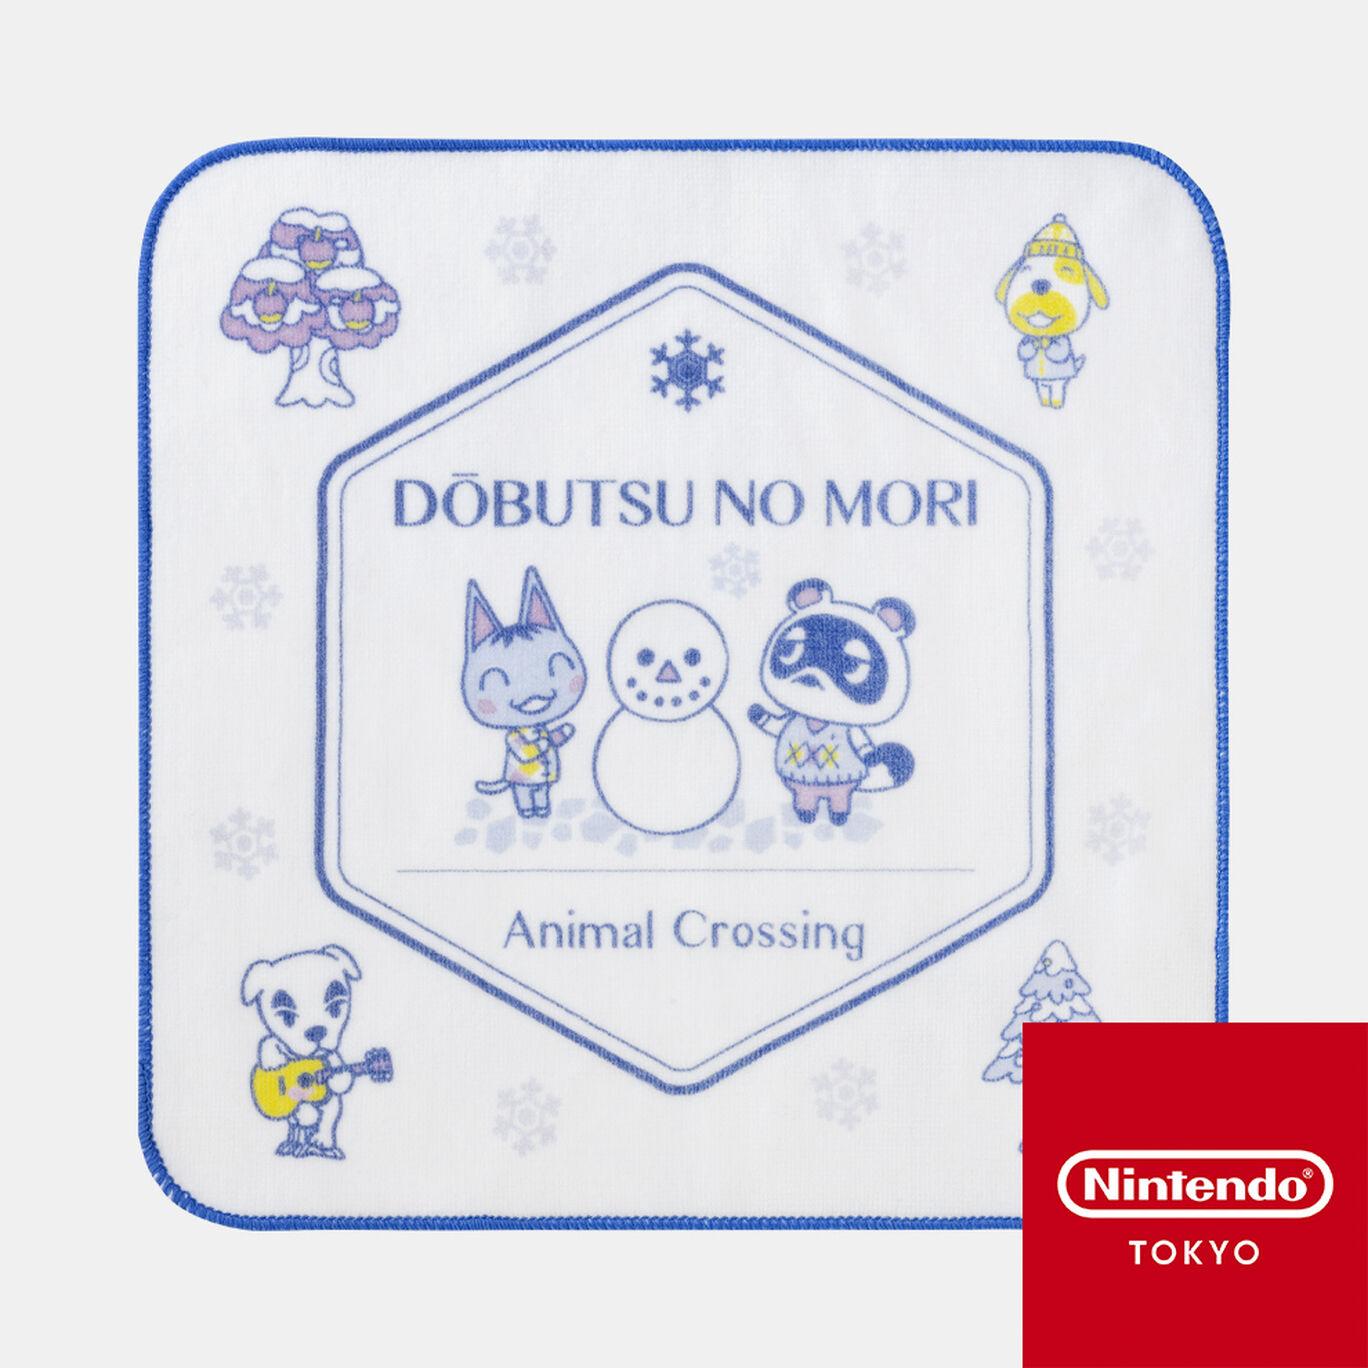 タオルハンカチ ホワイト どうぶつの森【Nintendo TOKYO取り扱い商品】